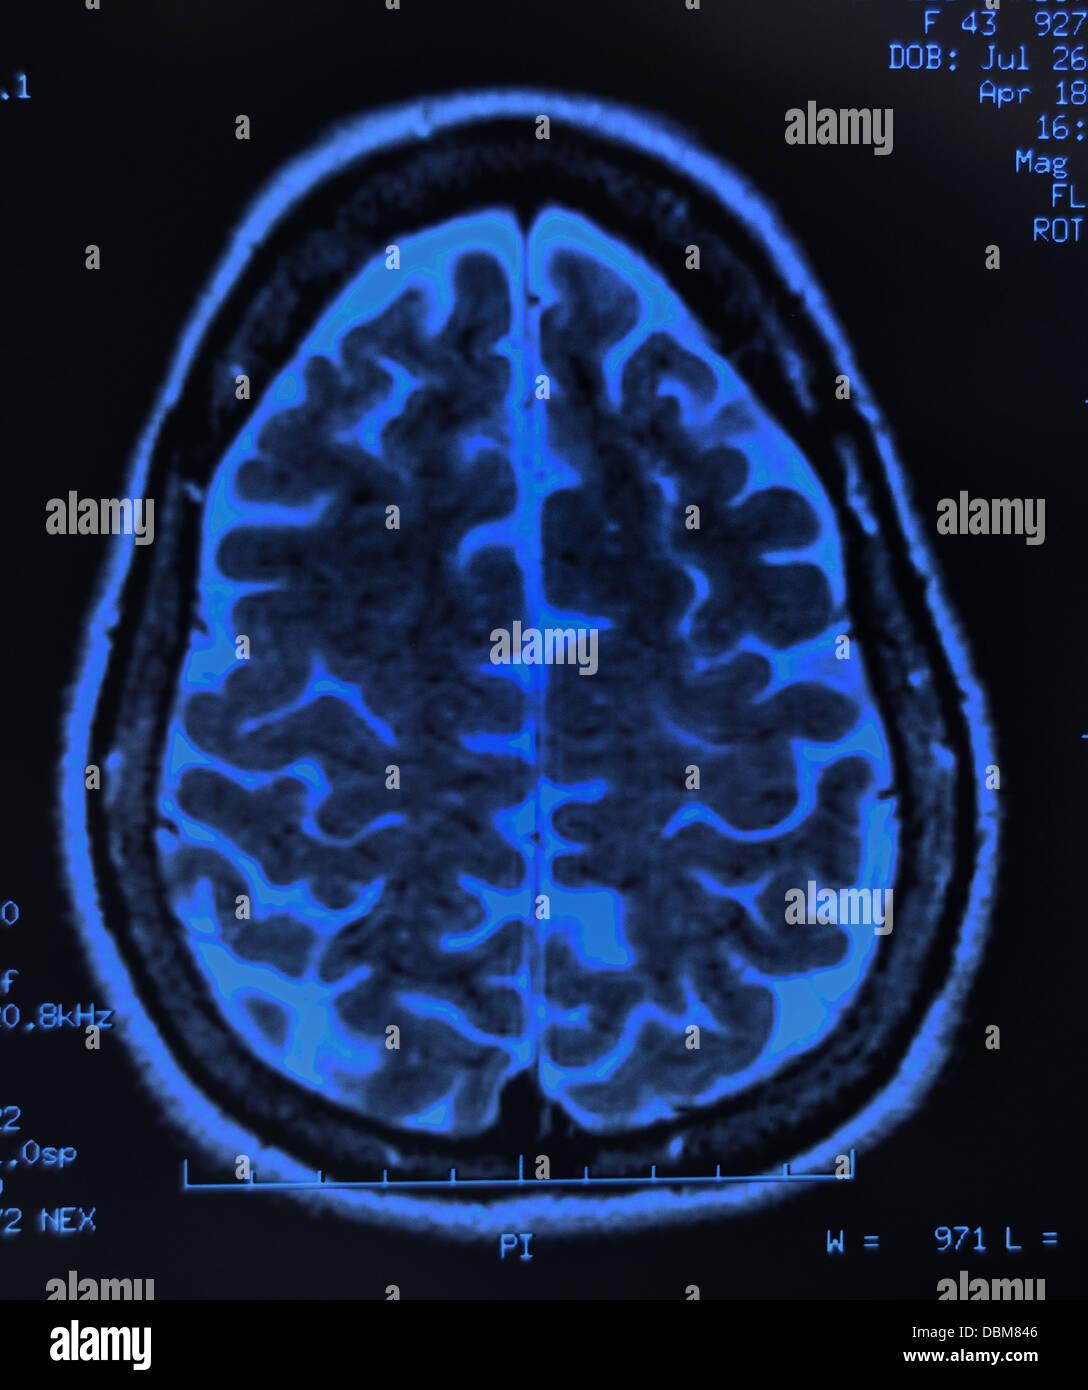 Cerebro Humano / análisis de rayos X, RMN Imagen De Stock